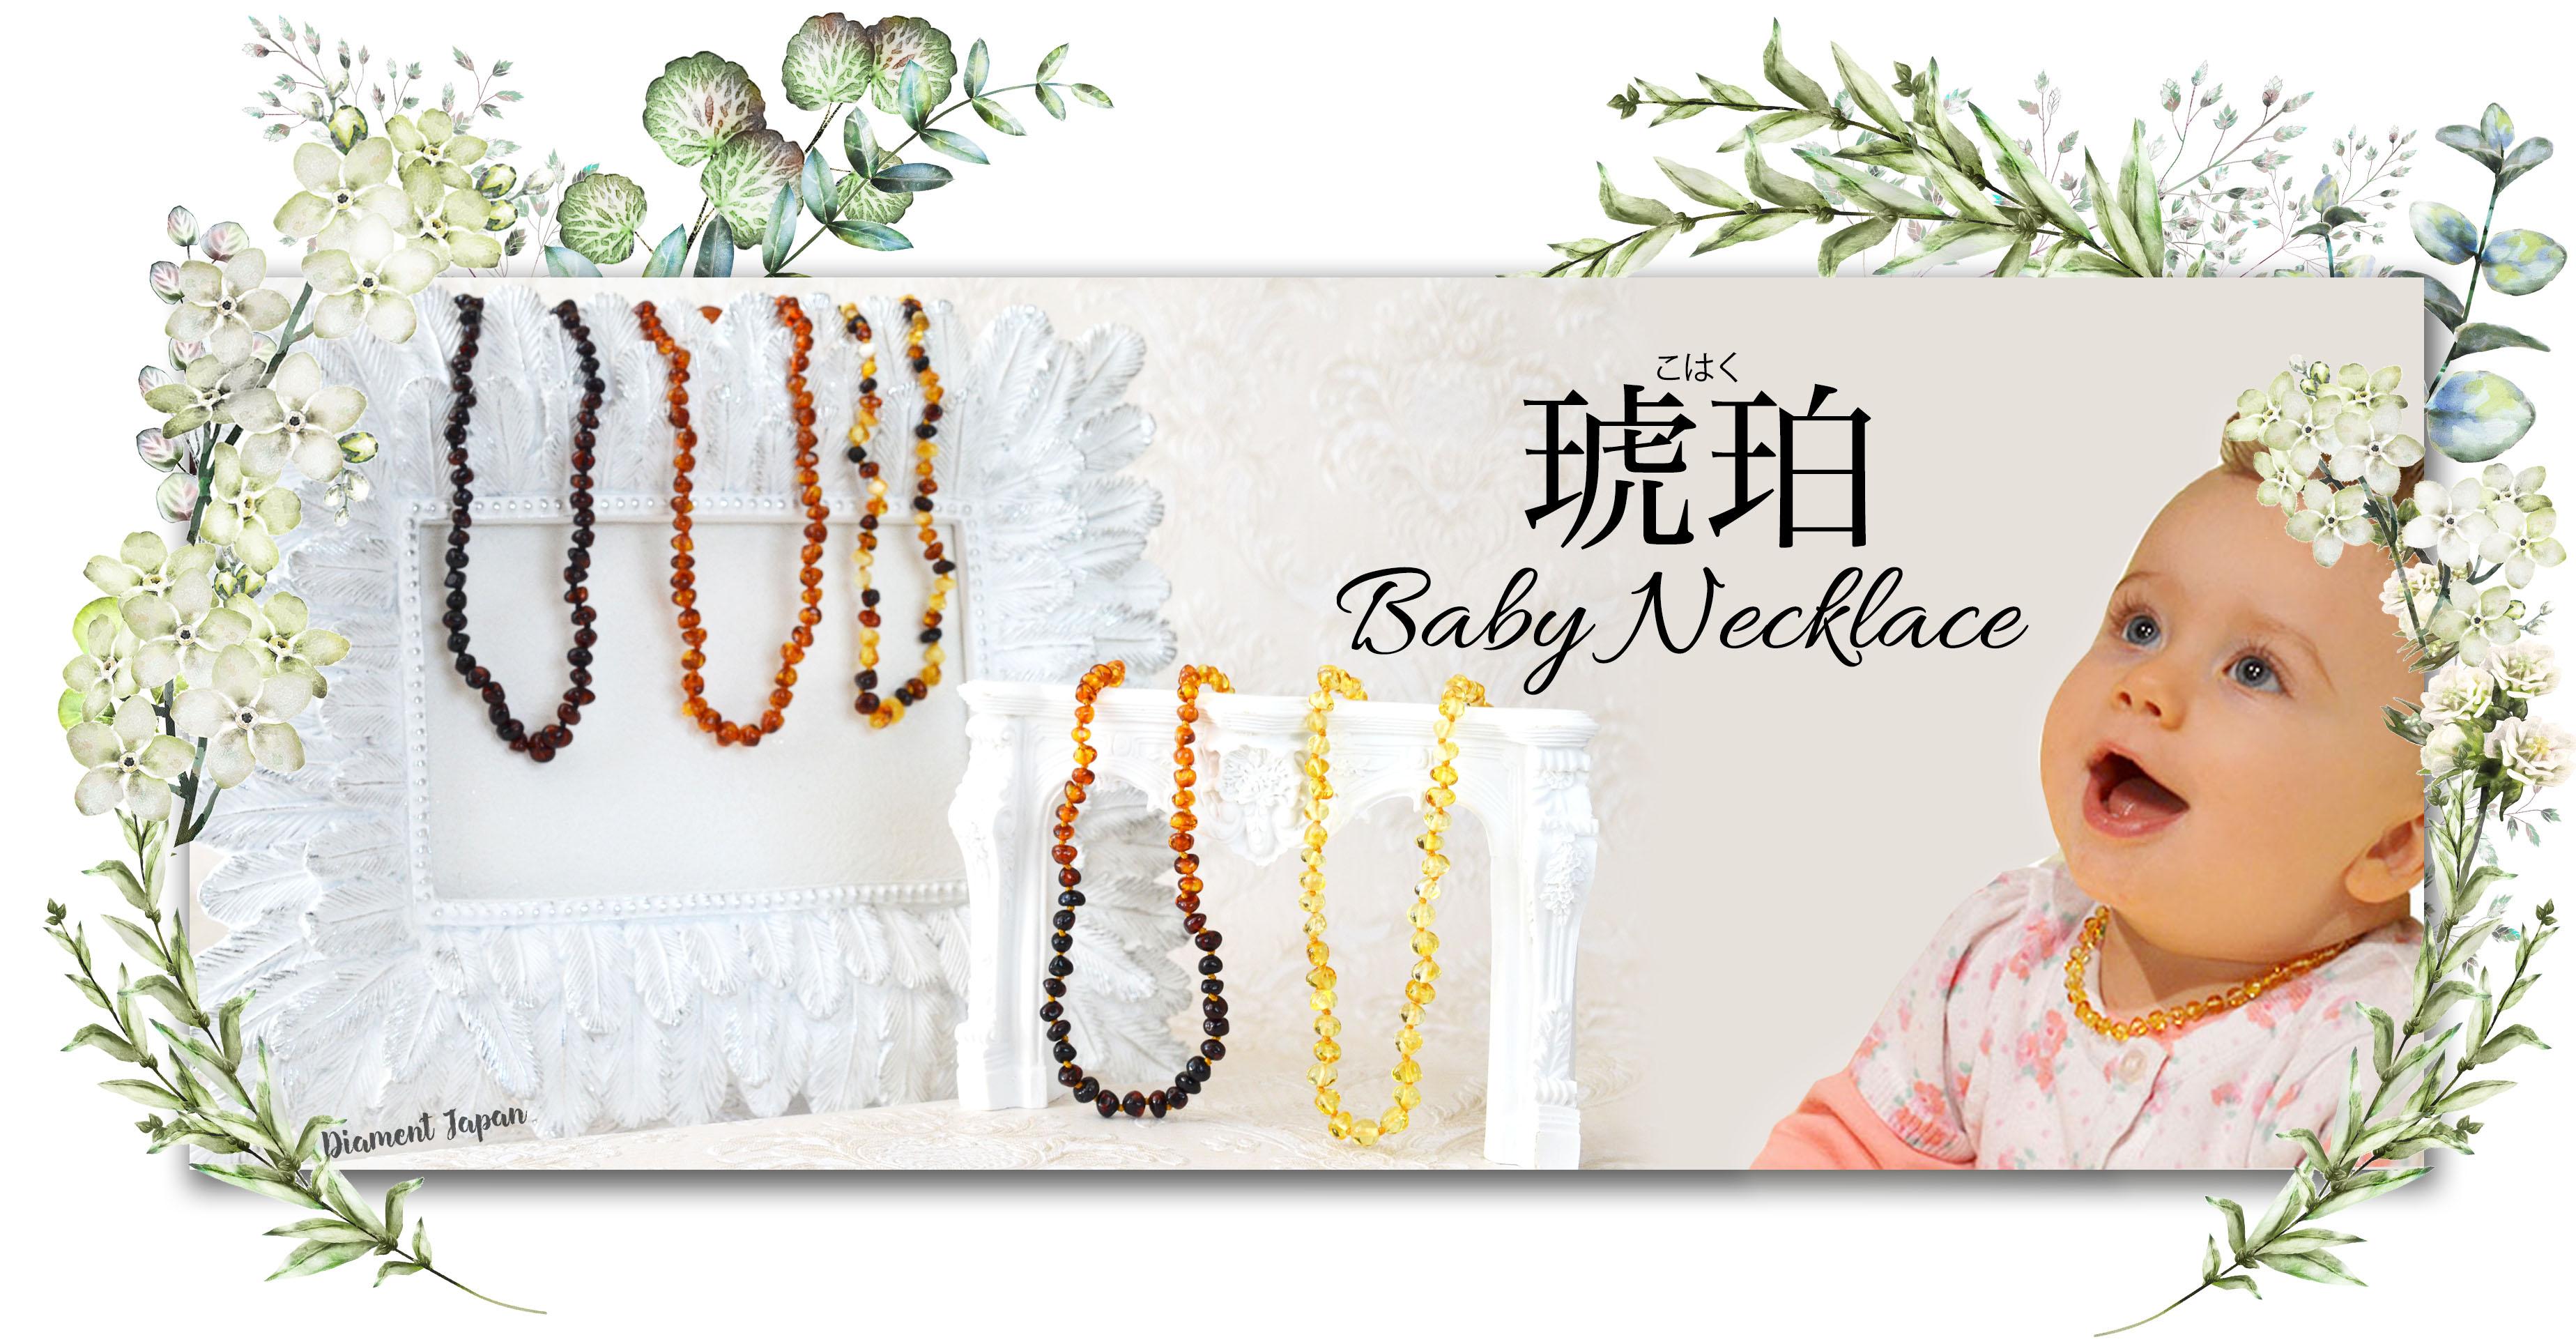 琥珀赤ちゃん用ネックレス、琥珀ベビーネックレス、琥珀ベビー用ネックレス、アンバー赤ちゃん、ティーシングネックレス|琥珀専門店ディアメント